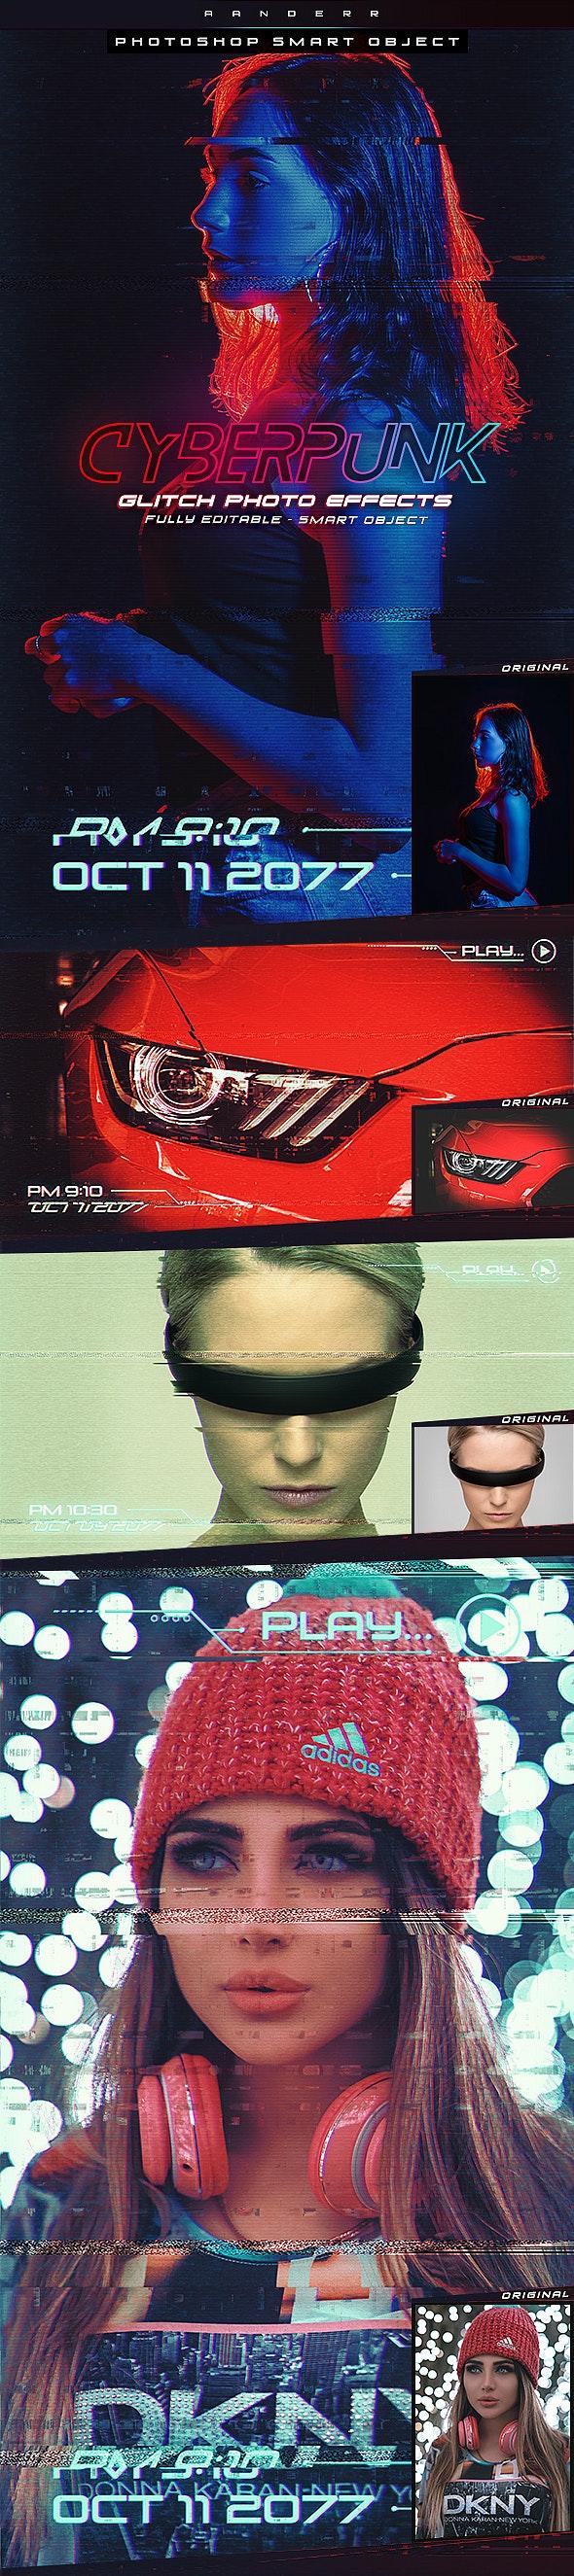 摄影照片赛博朋克故障后期处理效果PS模板 Cyberpunk Glitch Photo Effects插图